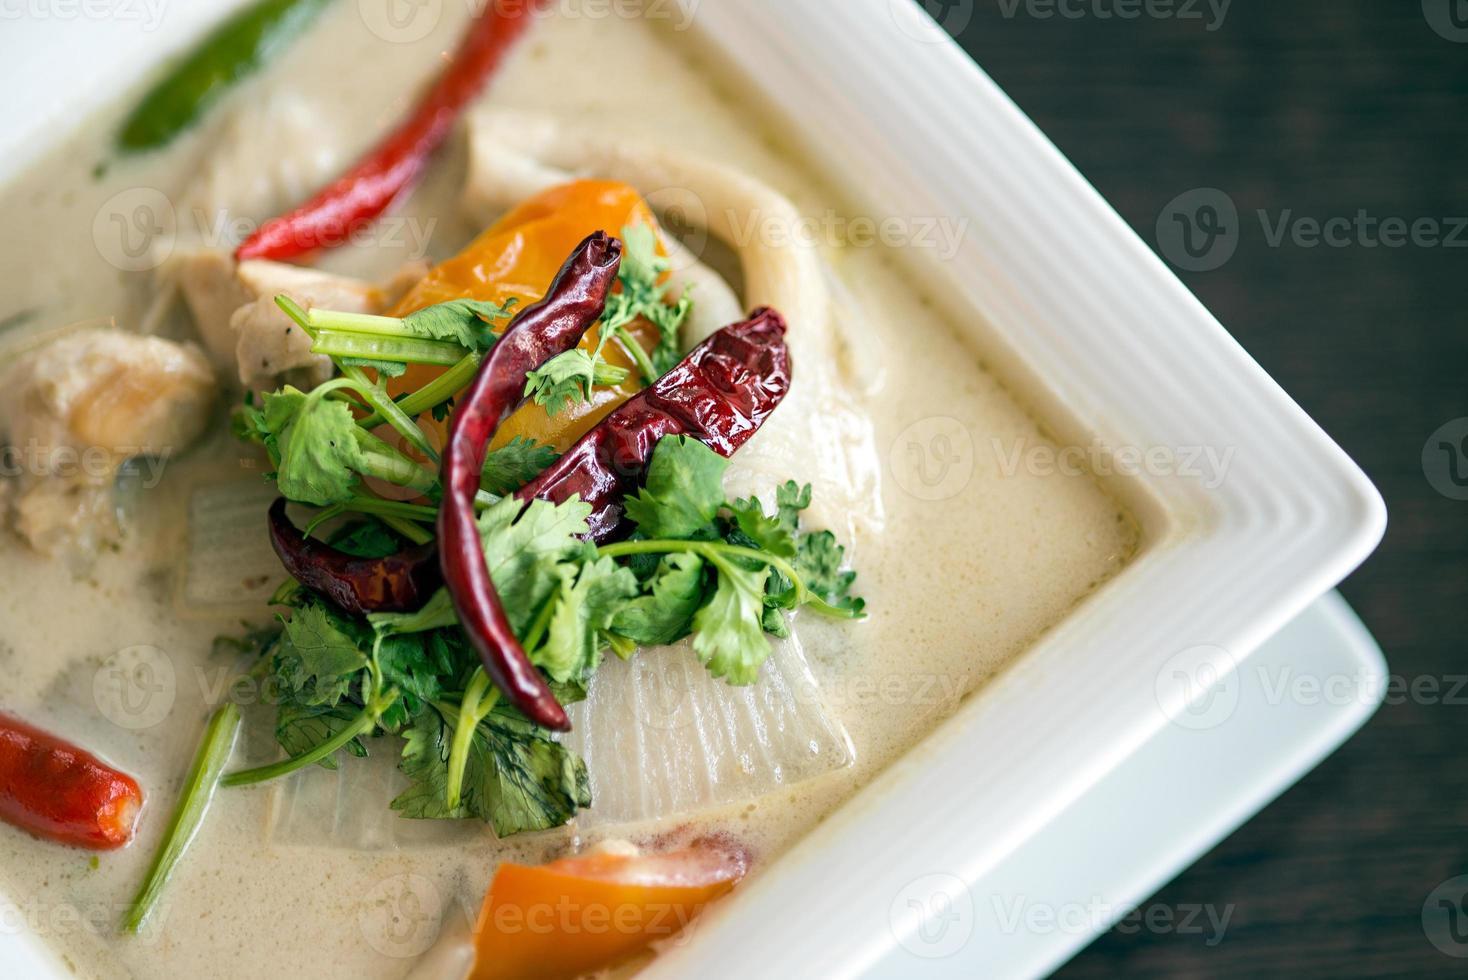 cuisine thaïlandaise - tom kha kai - poulet au lait de coco soupe photo